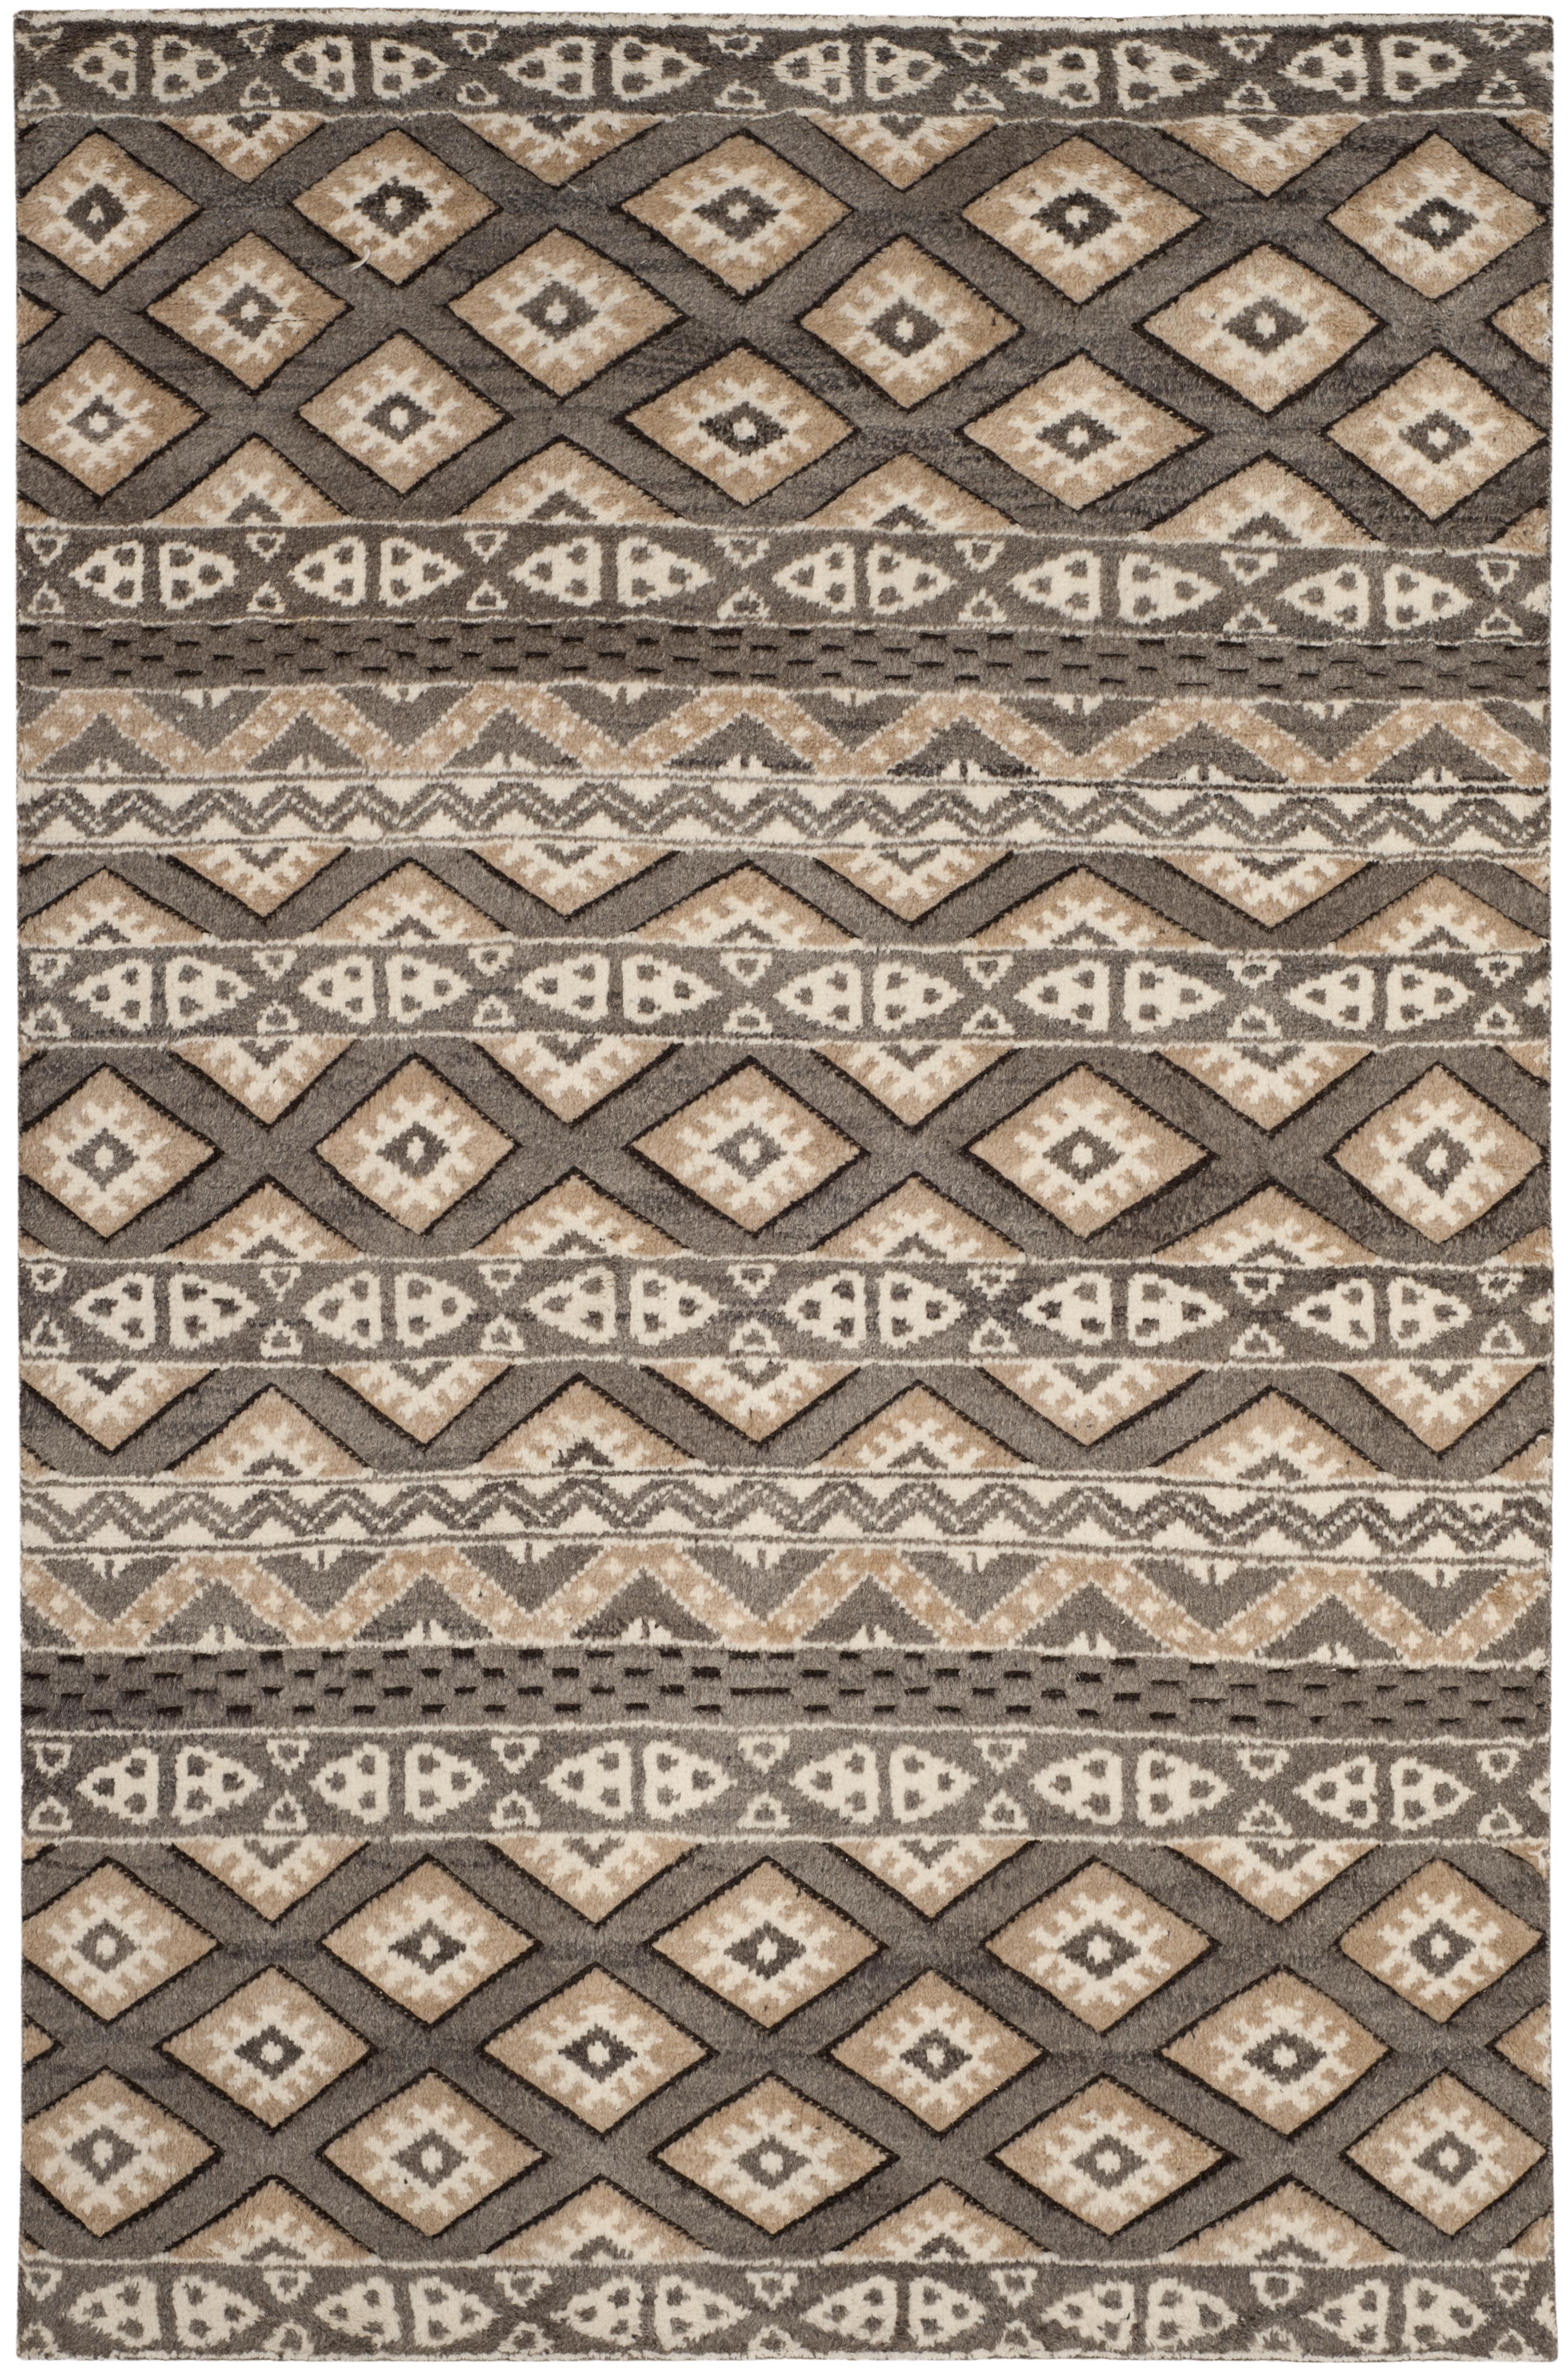 Cody 319 6' X 9' Brown Wool Rug